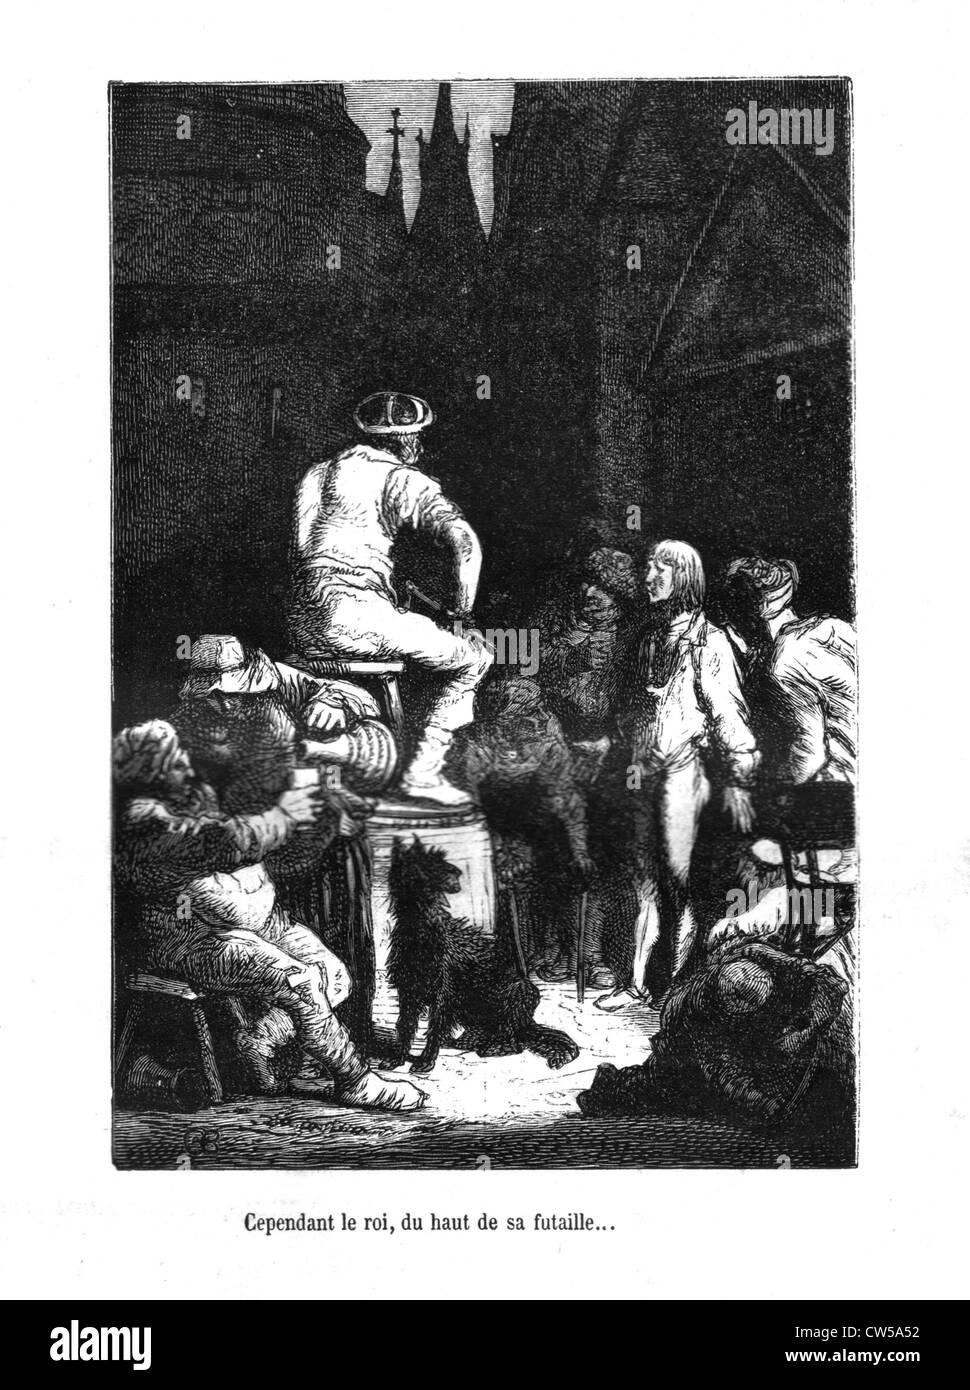 Brion, Scene from 'Notre-Dame de Paris' - Stock Image